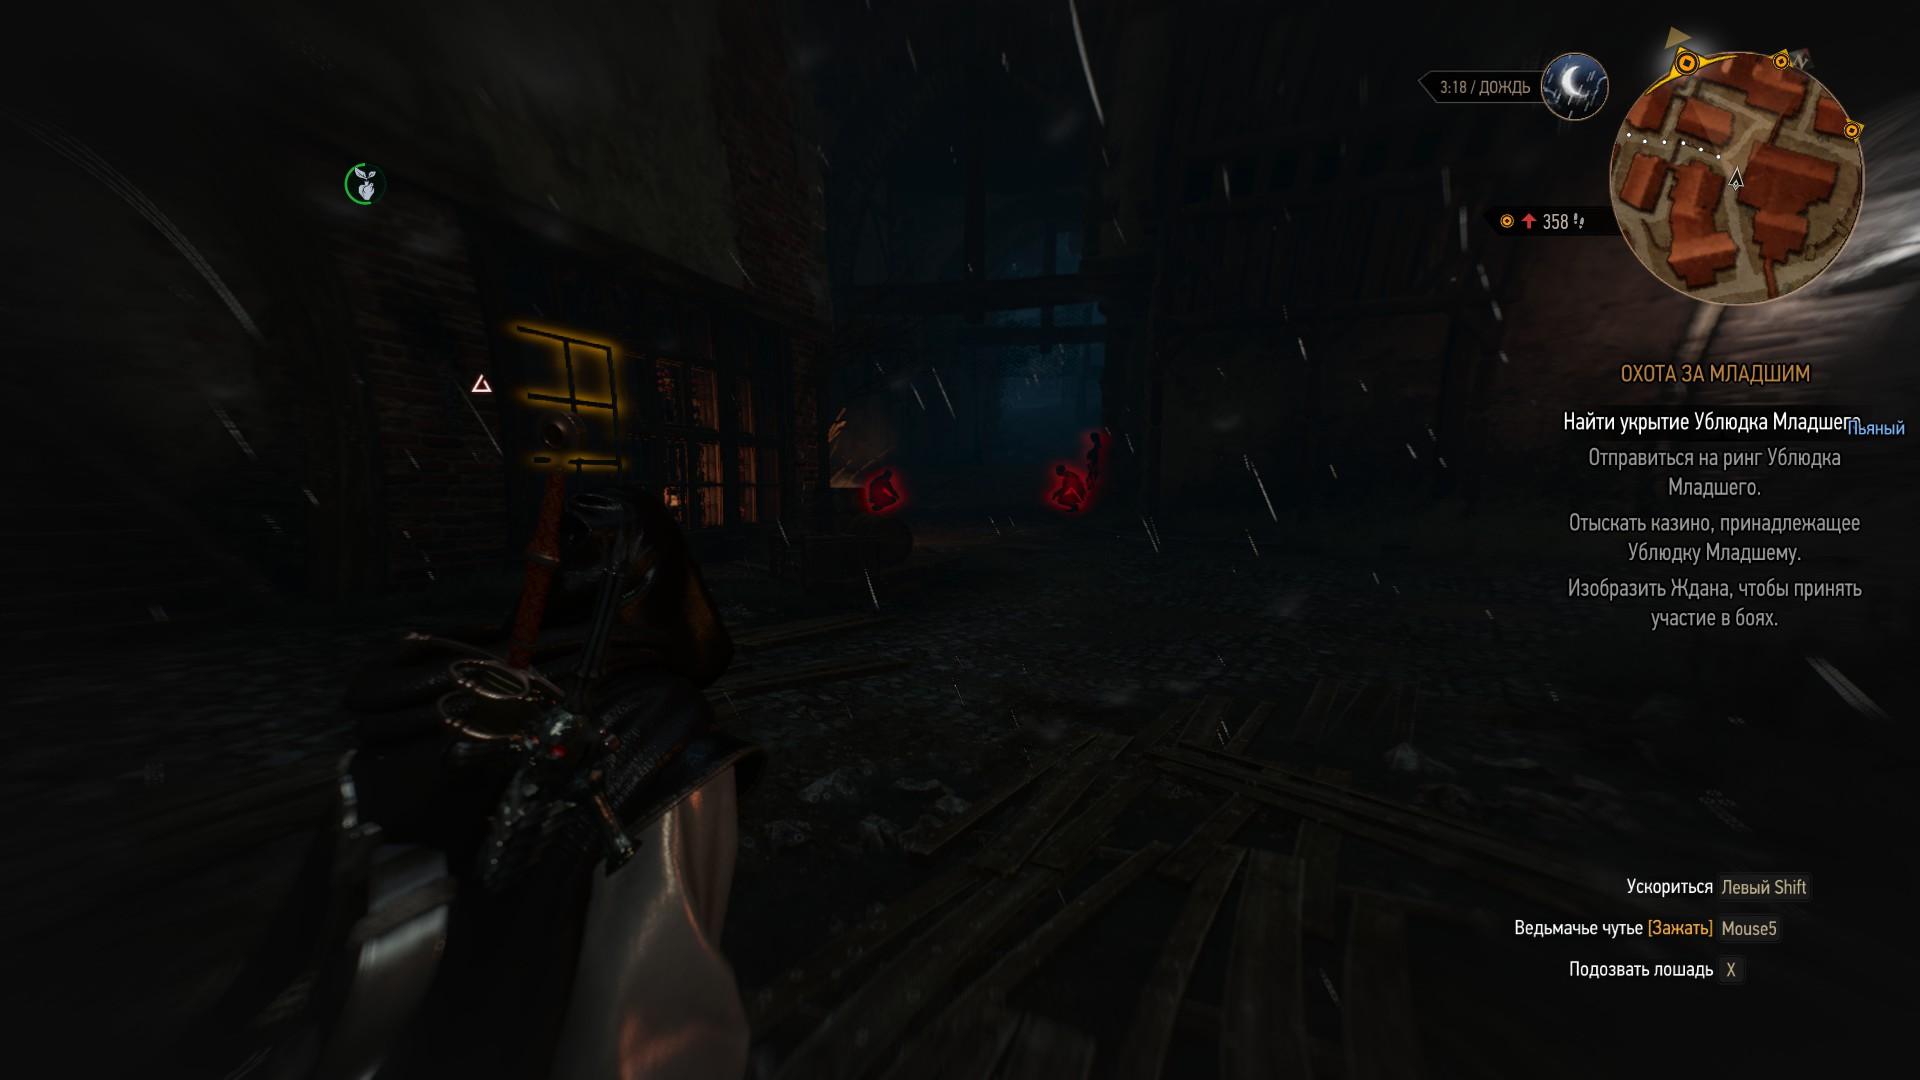 Интернациональная посадка гопников актуальна даже в Новиграде - Witcher 3: Wild Hunt, the